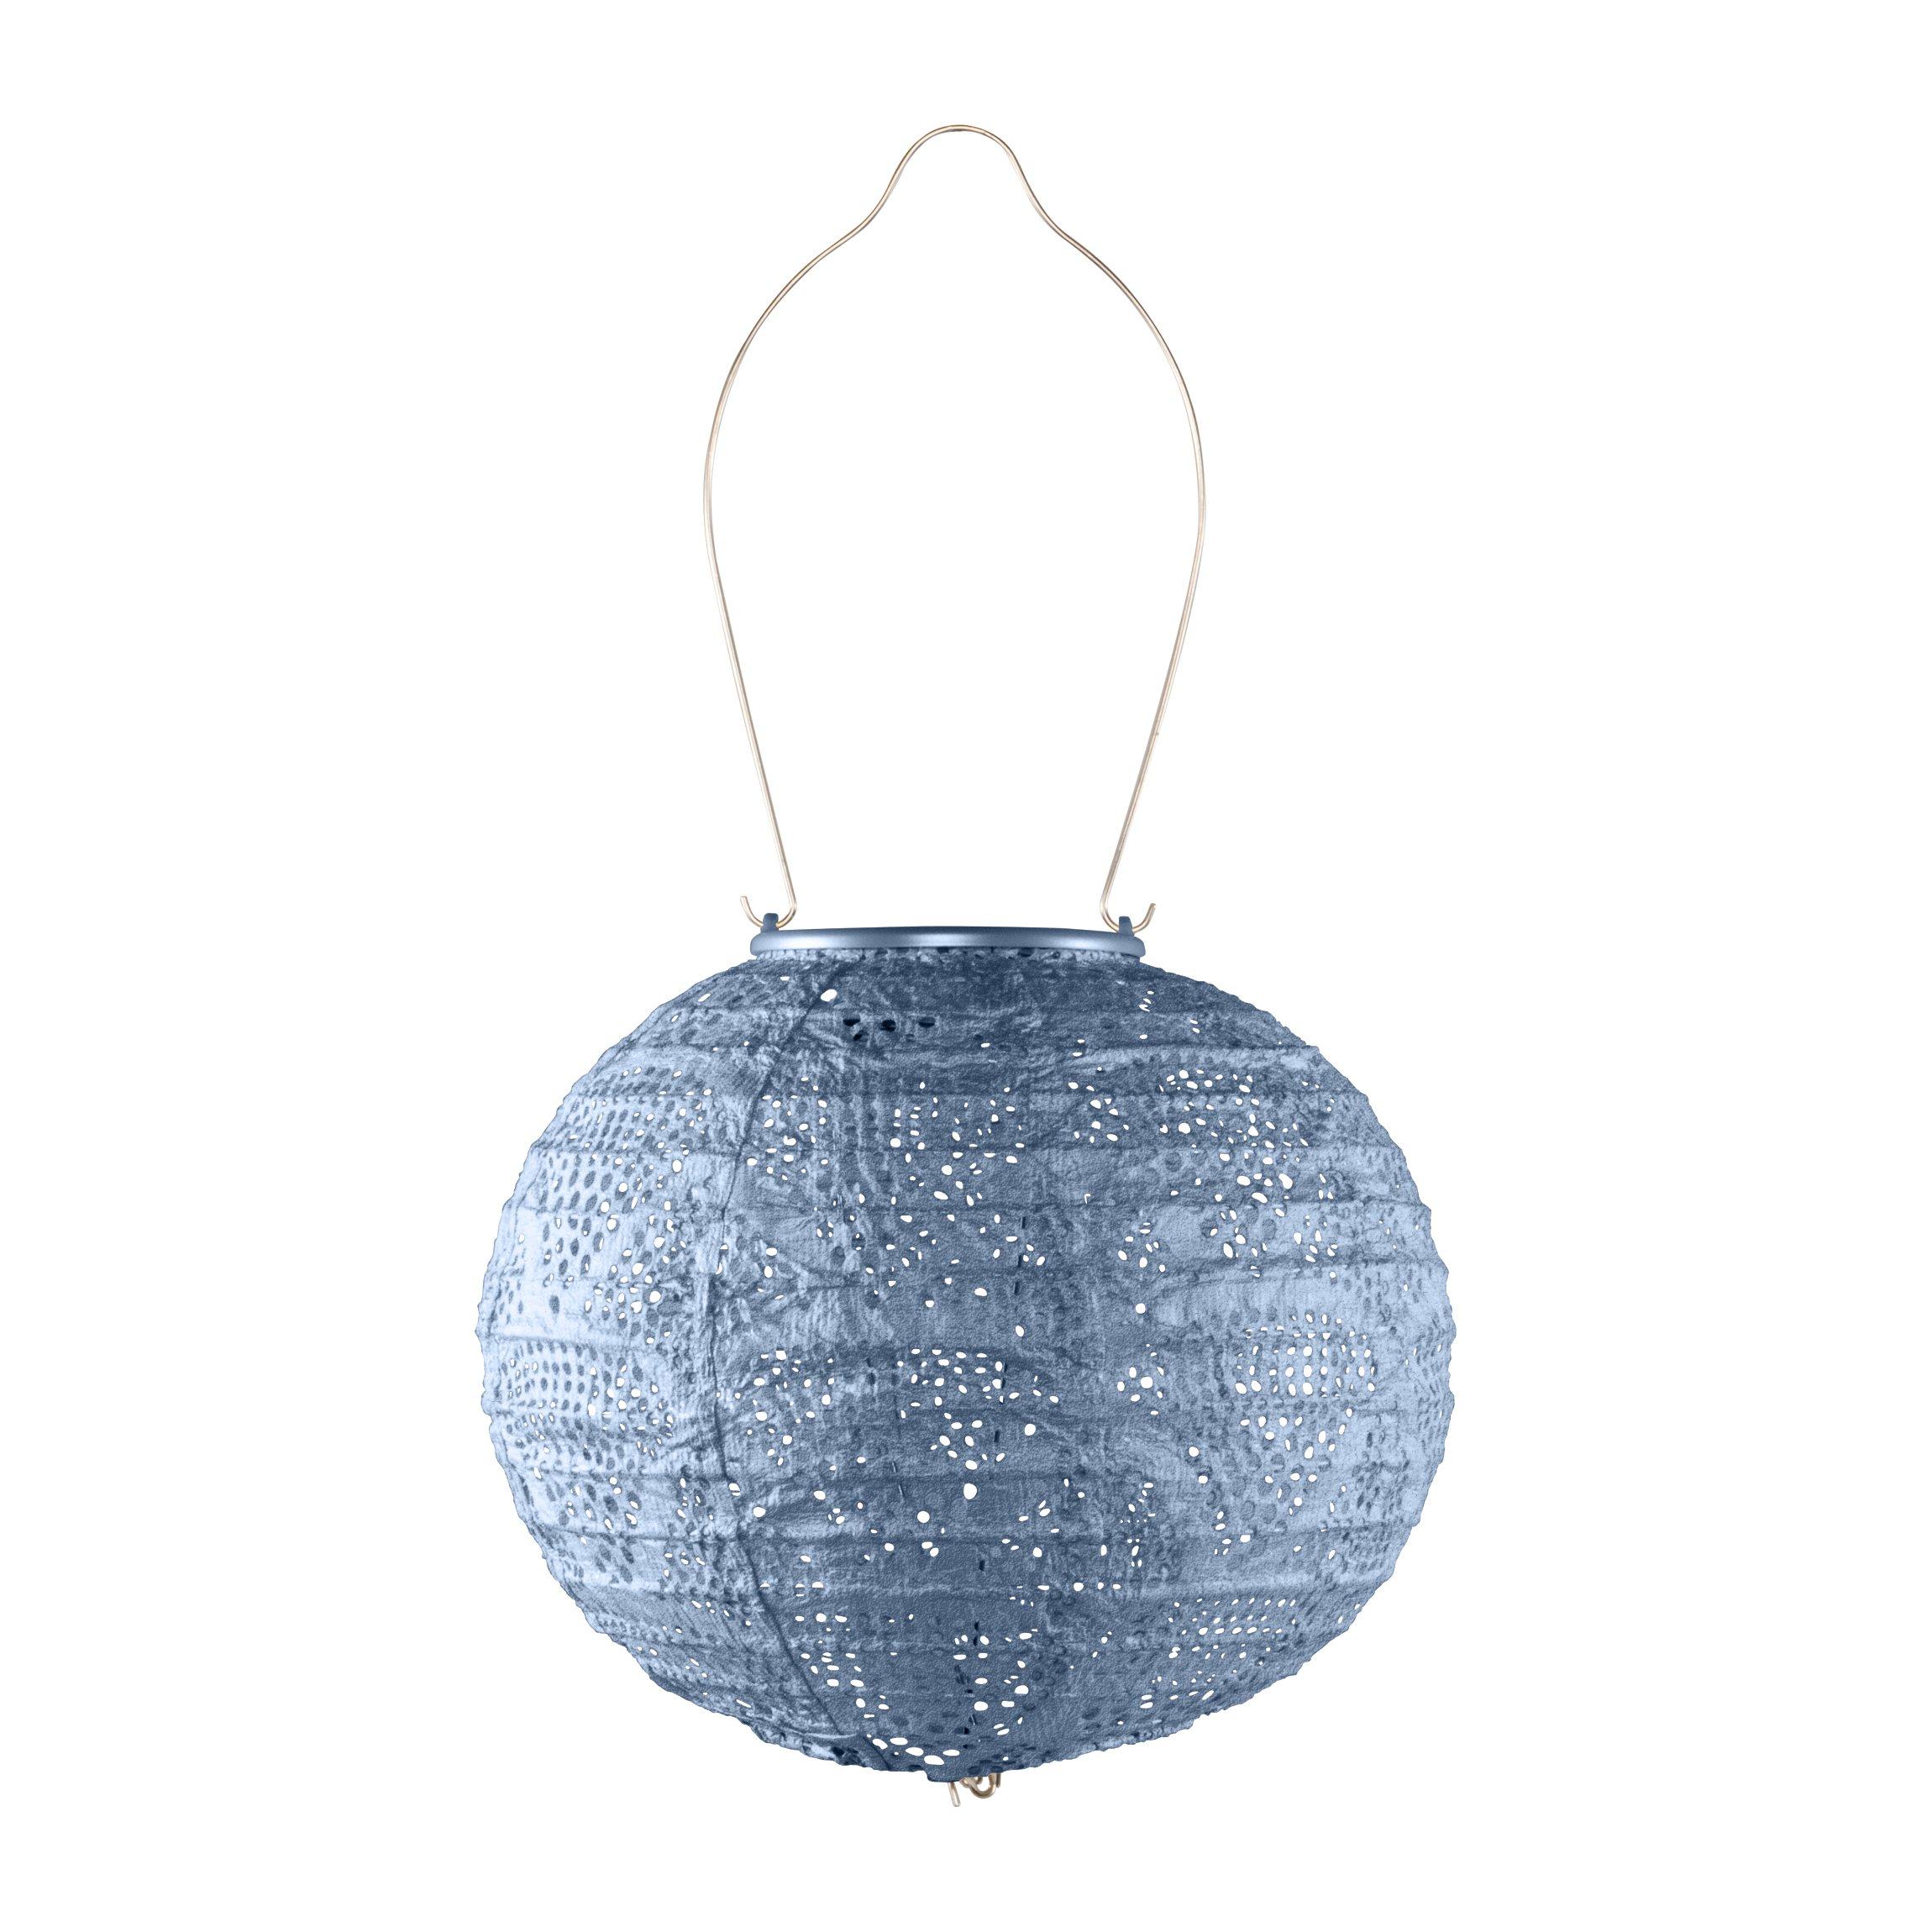 Allsop Home & Garden 32026 Outdoor Solar Lantern, 8'', Metallic Blue